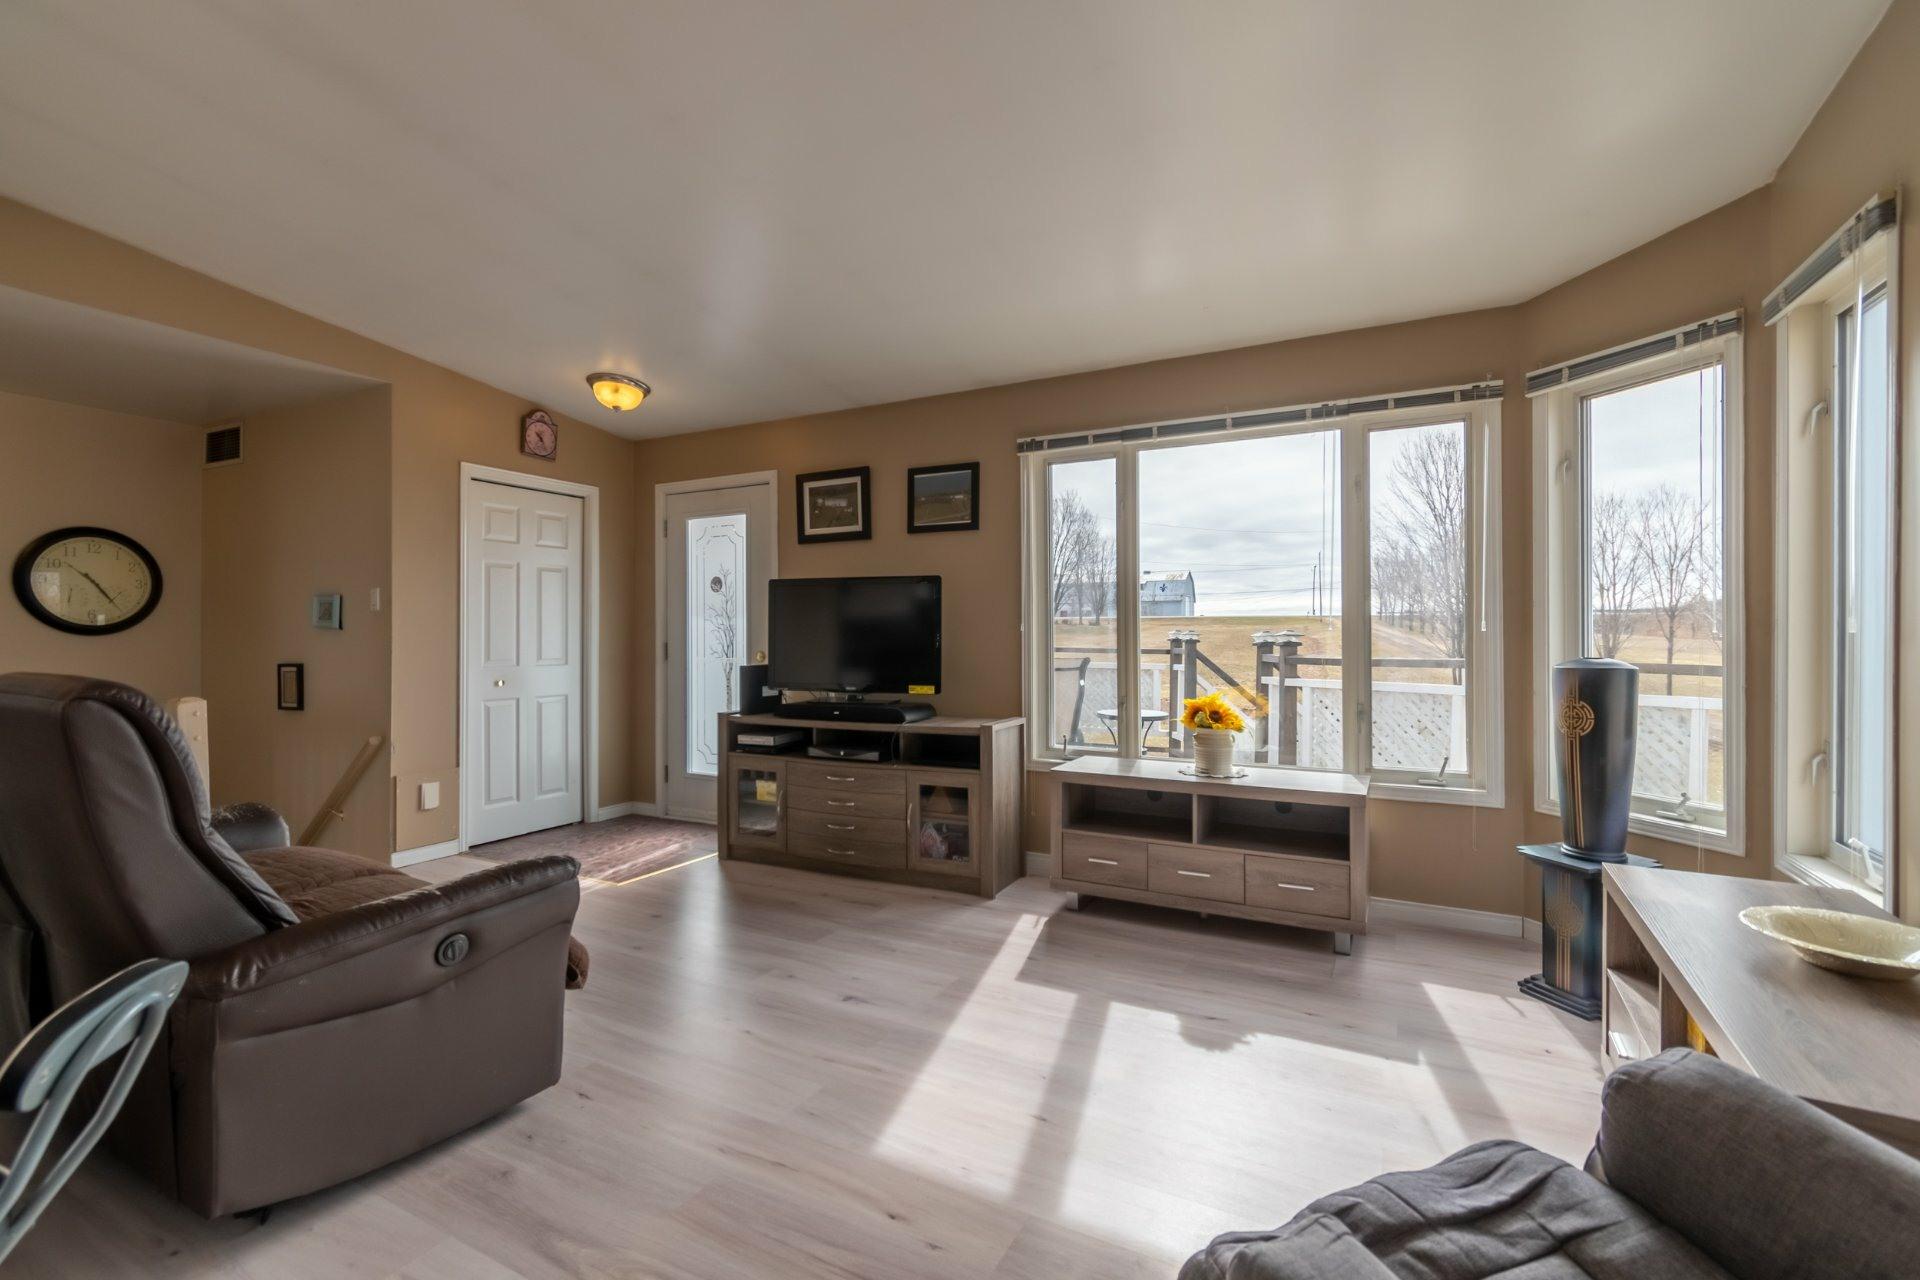 image 4 - House For sale Saint-Pierre-les-Becquets - 11 rooms